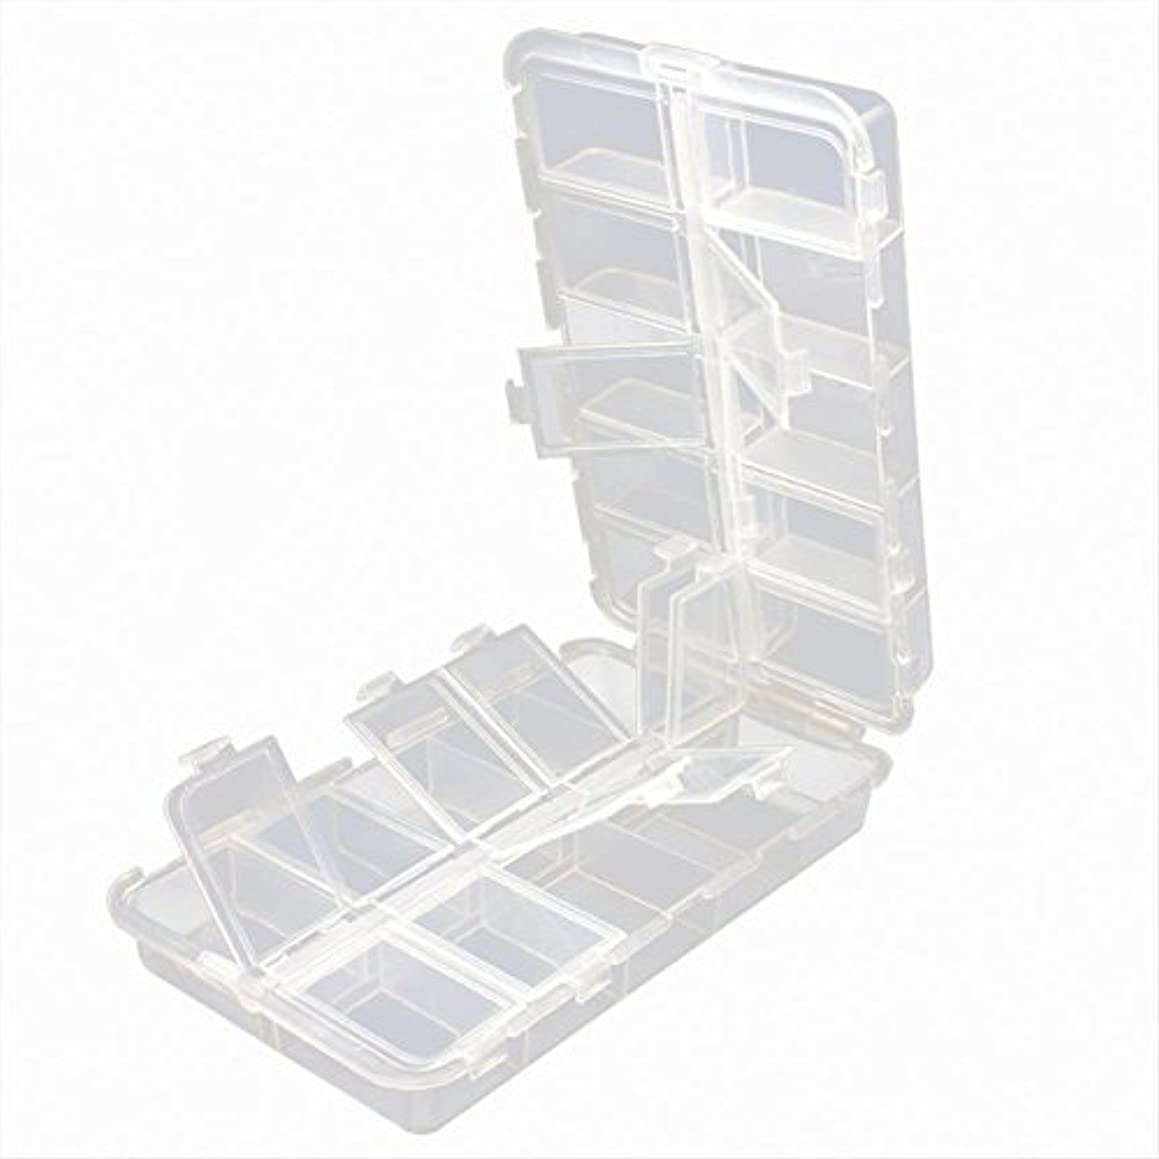 助言する歩き回る誘導EDTara フィッシングタックルボックス ポータブル プラスチック 透明 折りたたみ 釣りルアー フック ベイト 収納ボックス ケースコンテナ